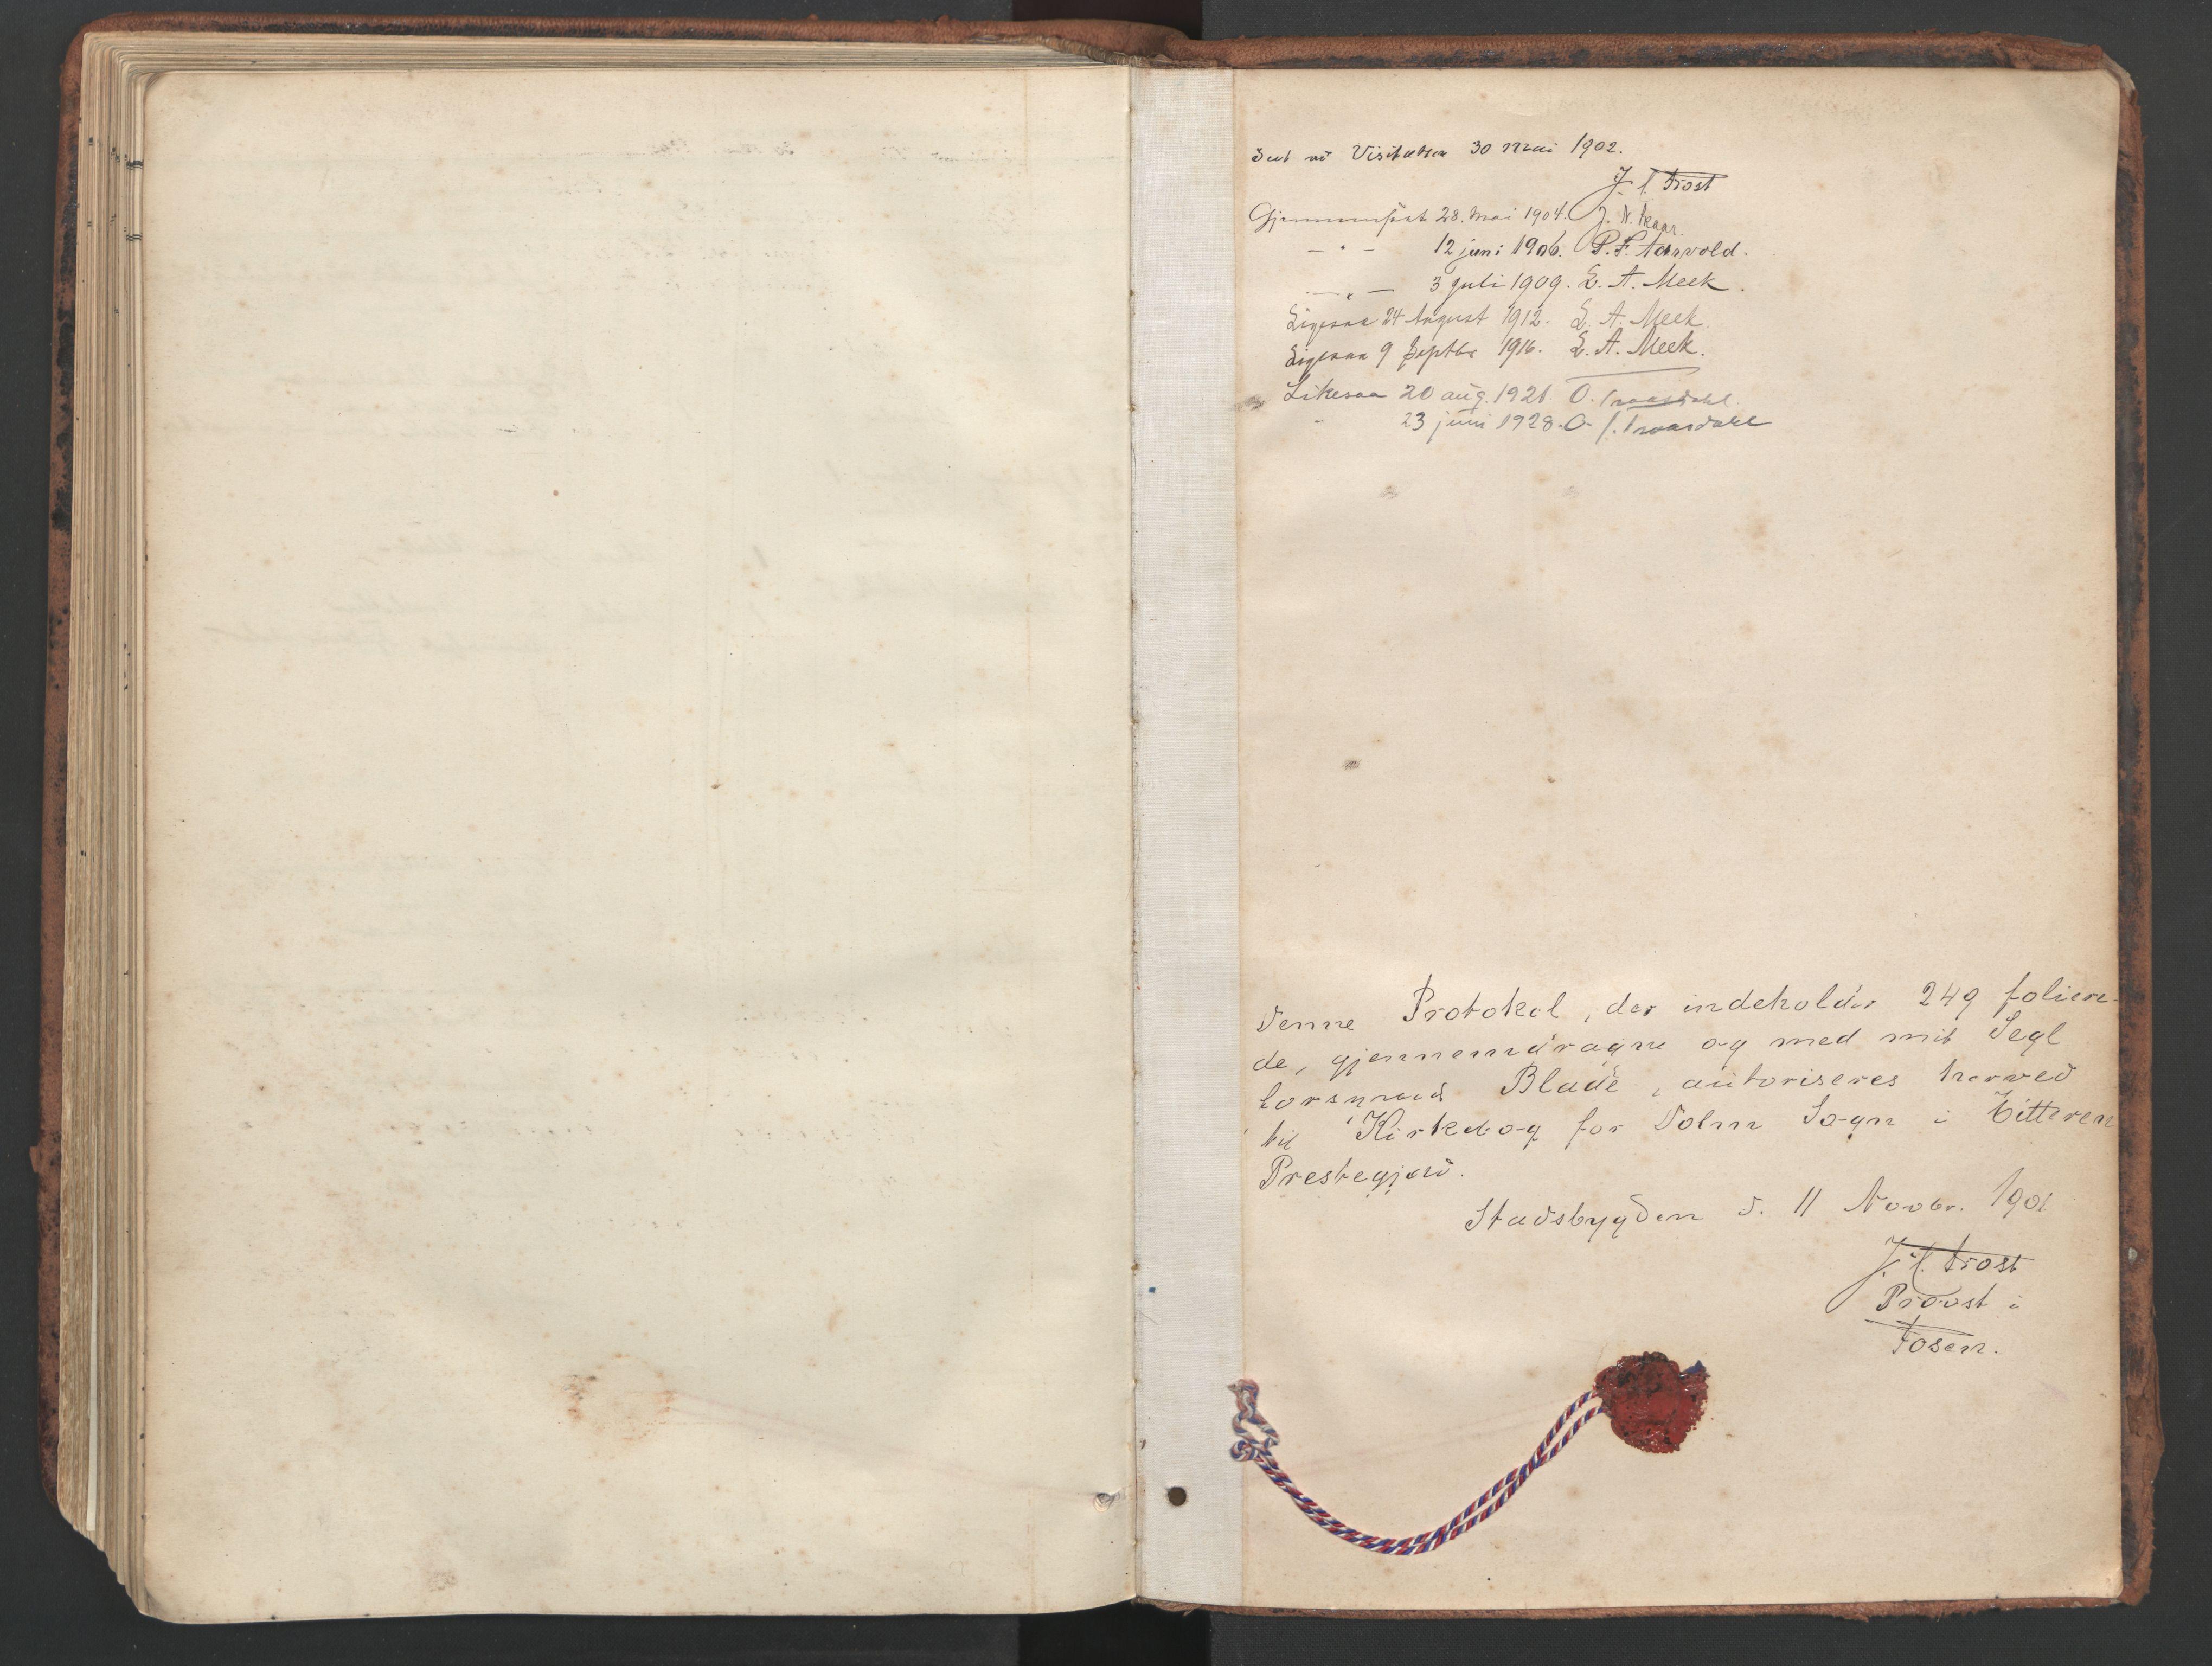 SAT, Ministerialprotokoller, klokkerbøker og fødselsregistre - Sør-Trøndelag, 634/L0537: Ministerialbok nr. 634A13, 1896-1922, s. 250